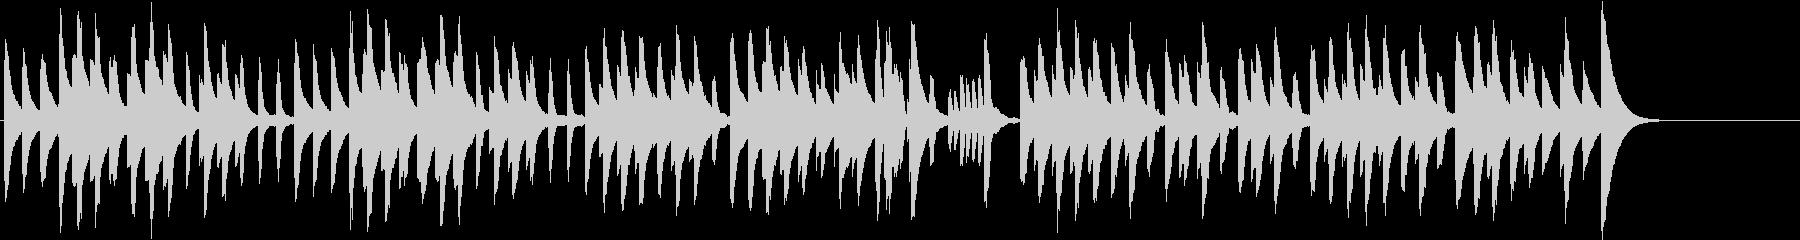 鉄琴とピアノのほのぼのかわいいBGMの未再生の波形